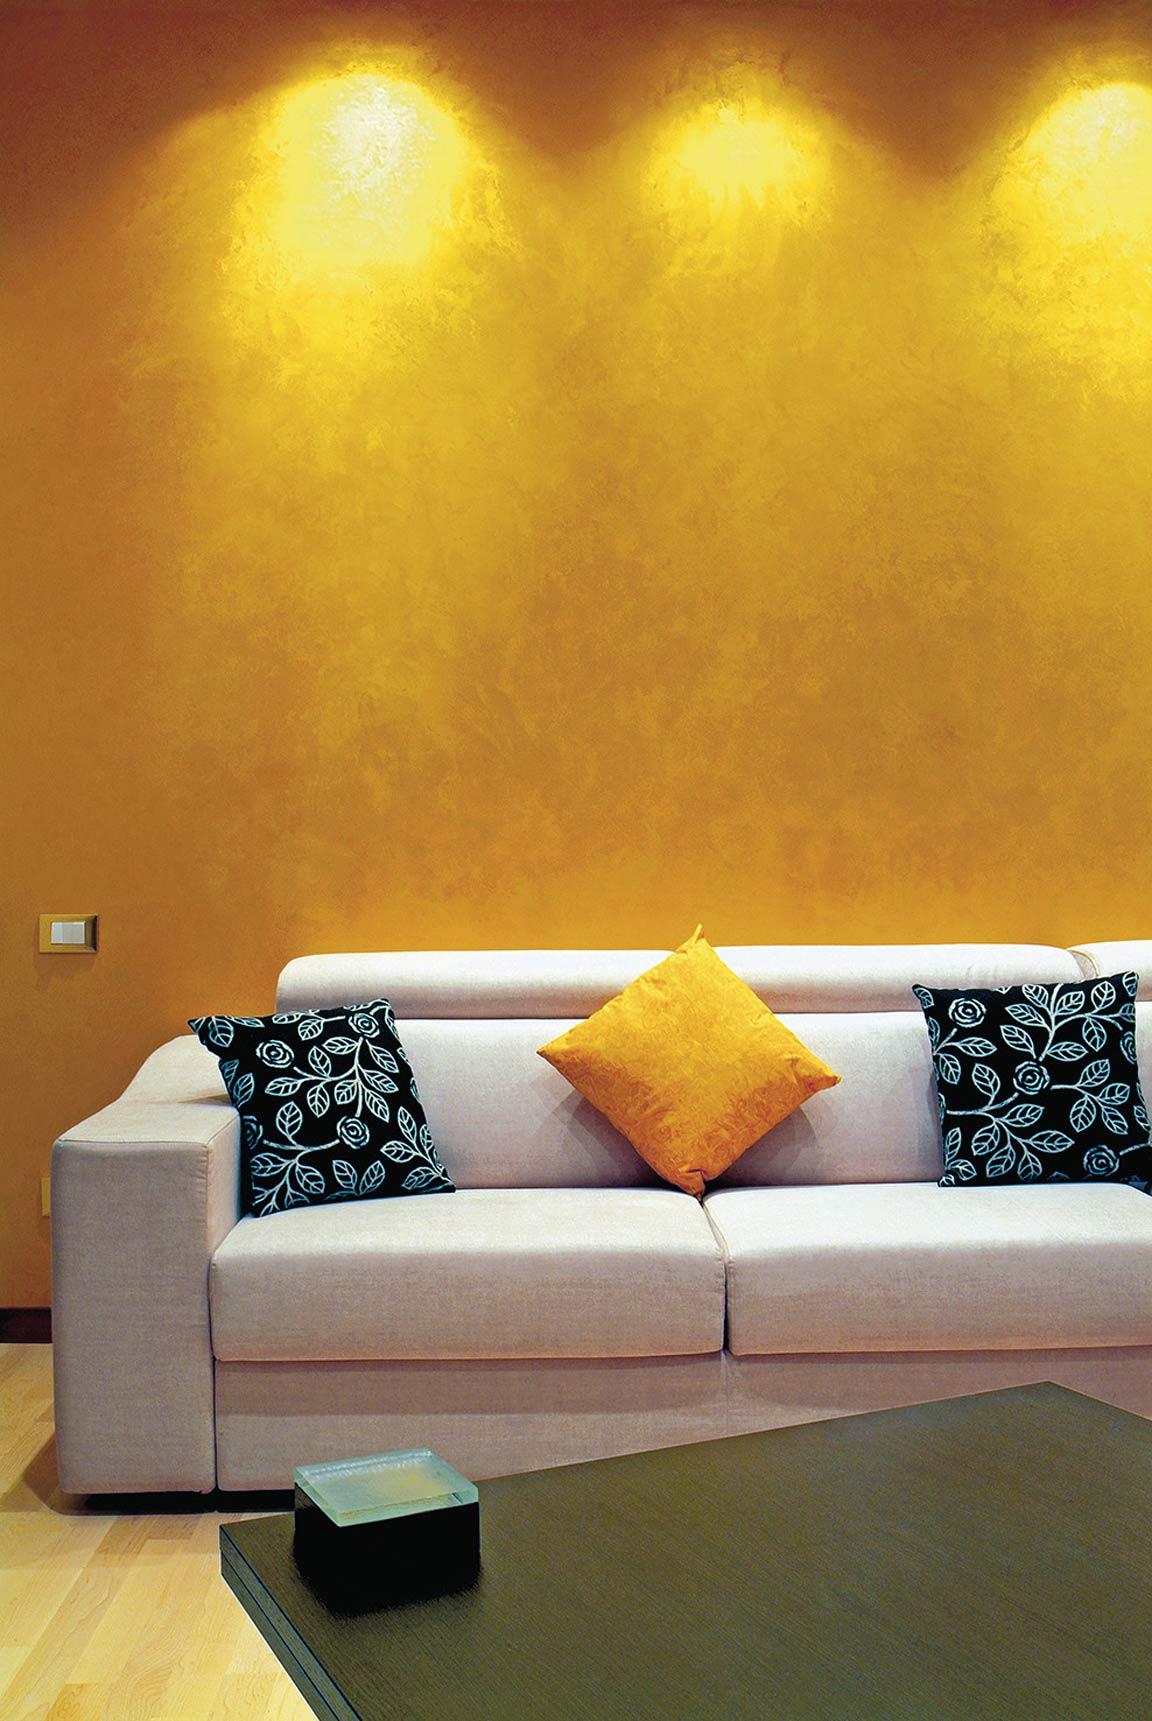 Pitture murali colori e vernici sikkens san marco boero milano aldoverdi - Decorazioni murali per interni ...